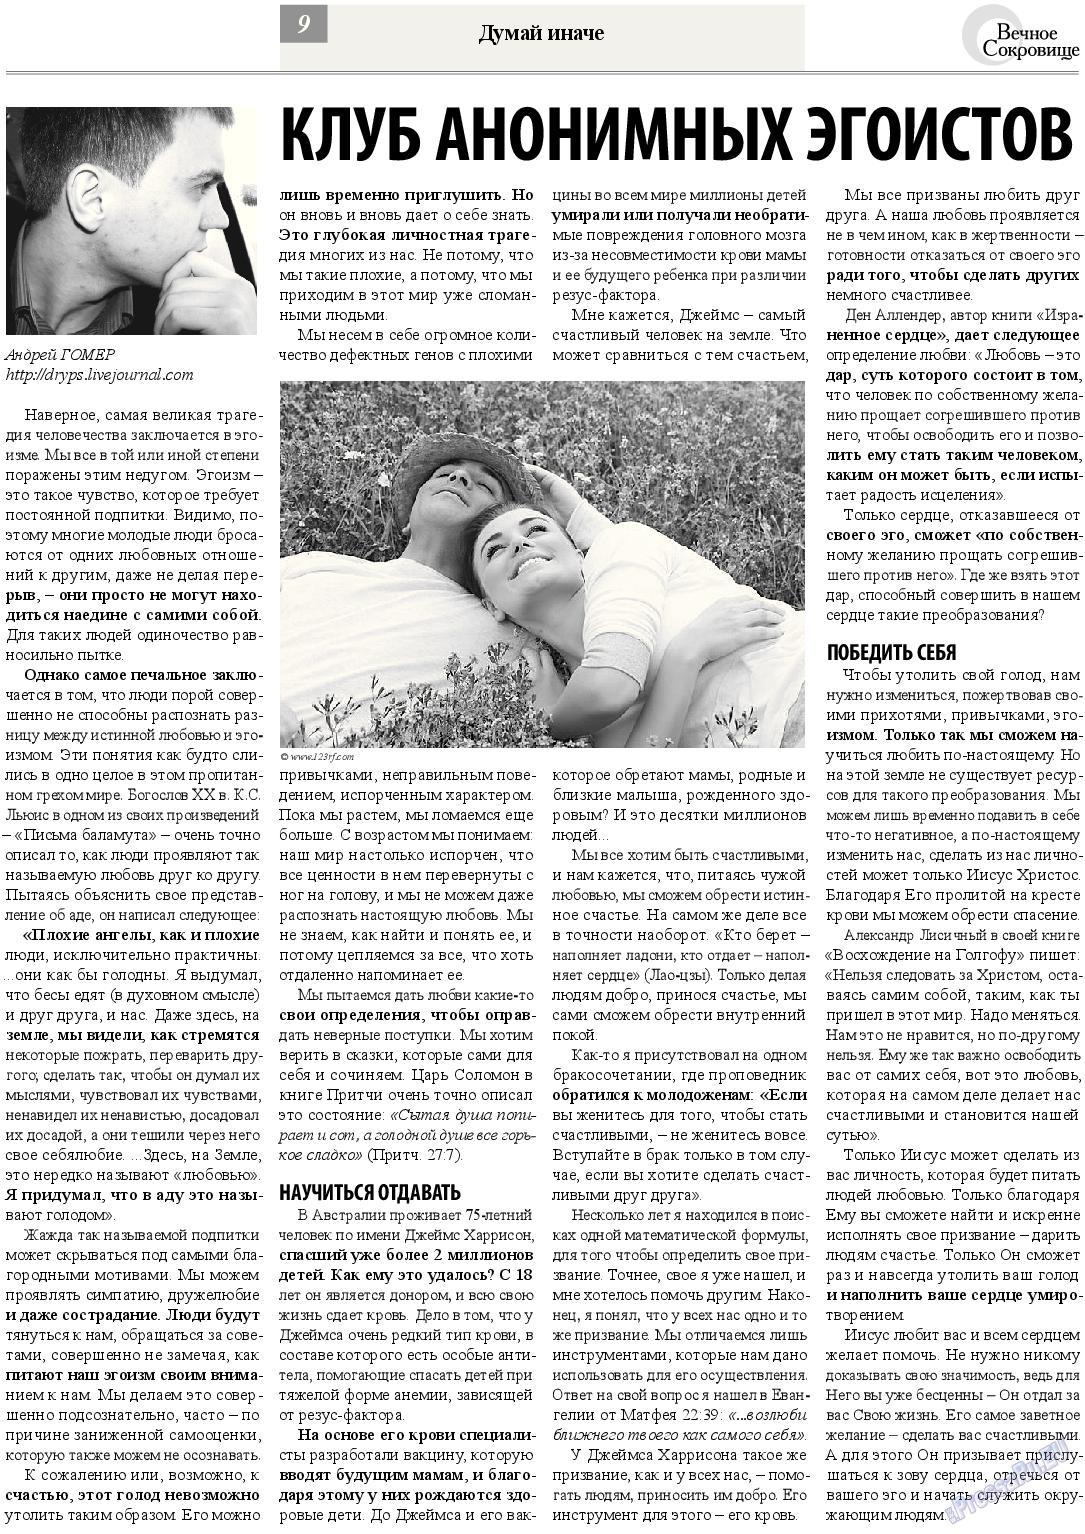 Вечное сокровище (газета). 2013 год, номер 4, стр. 9